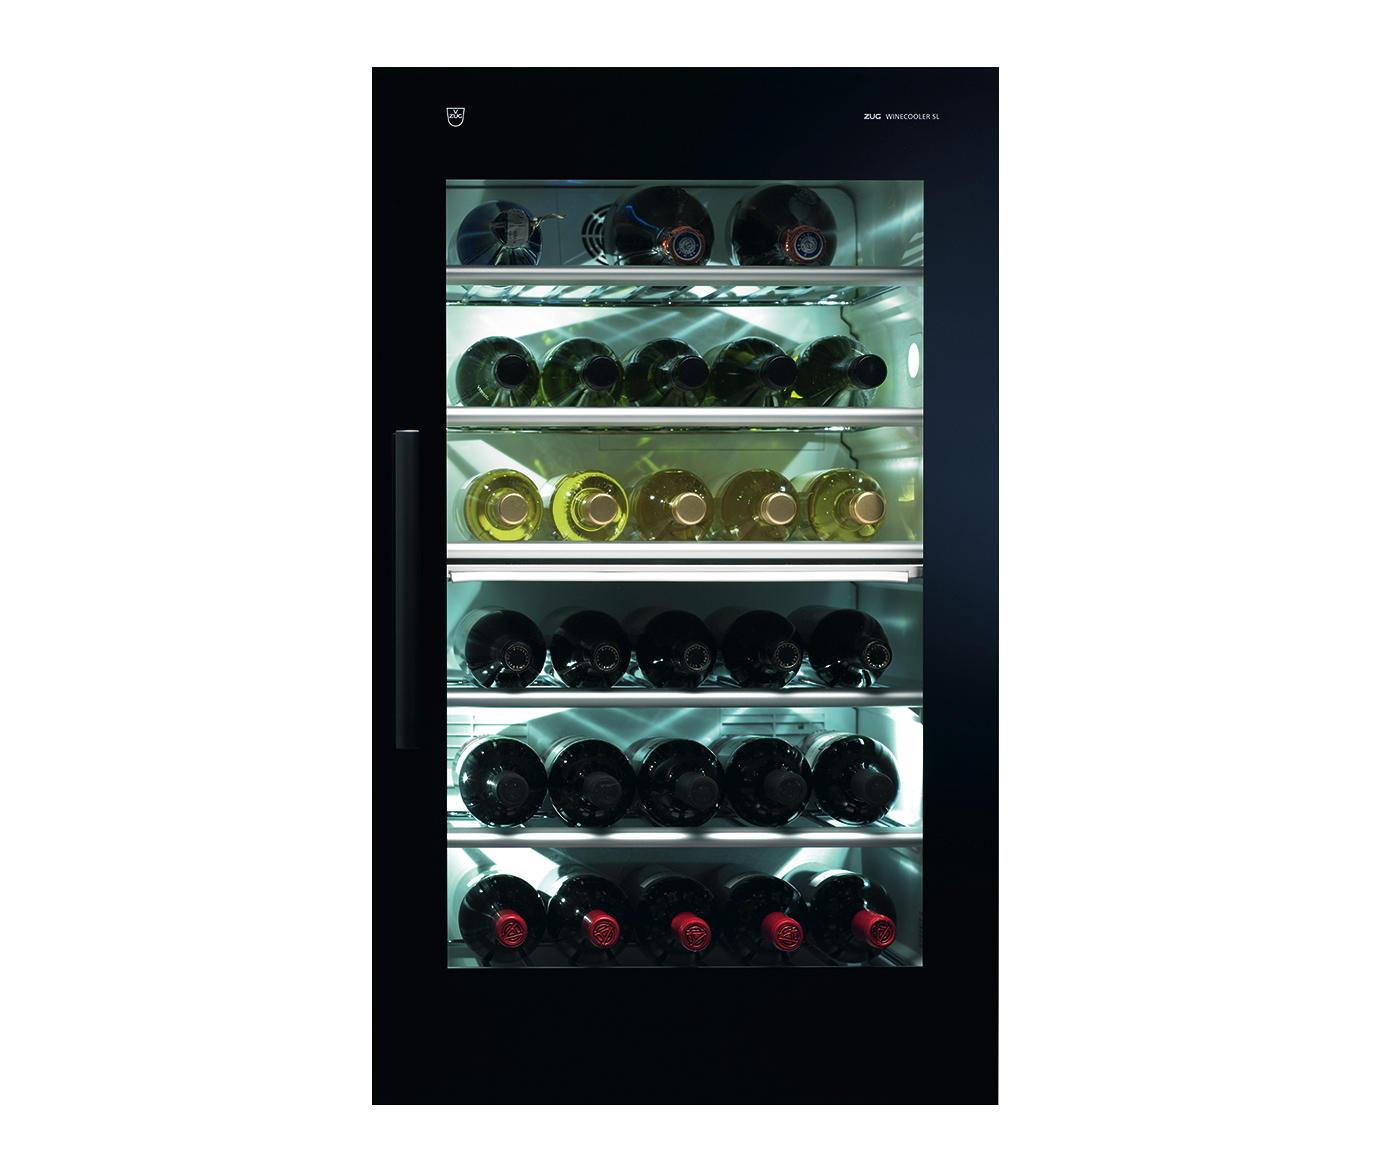 WINECOOLER SL 60 - Weinkühlschränke von V-ZUG | Architonic